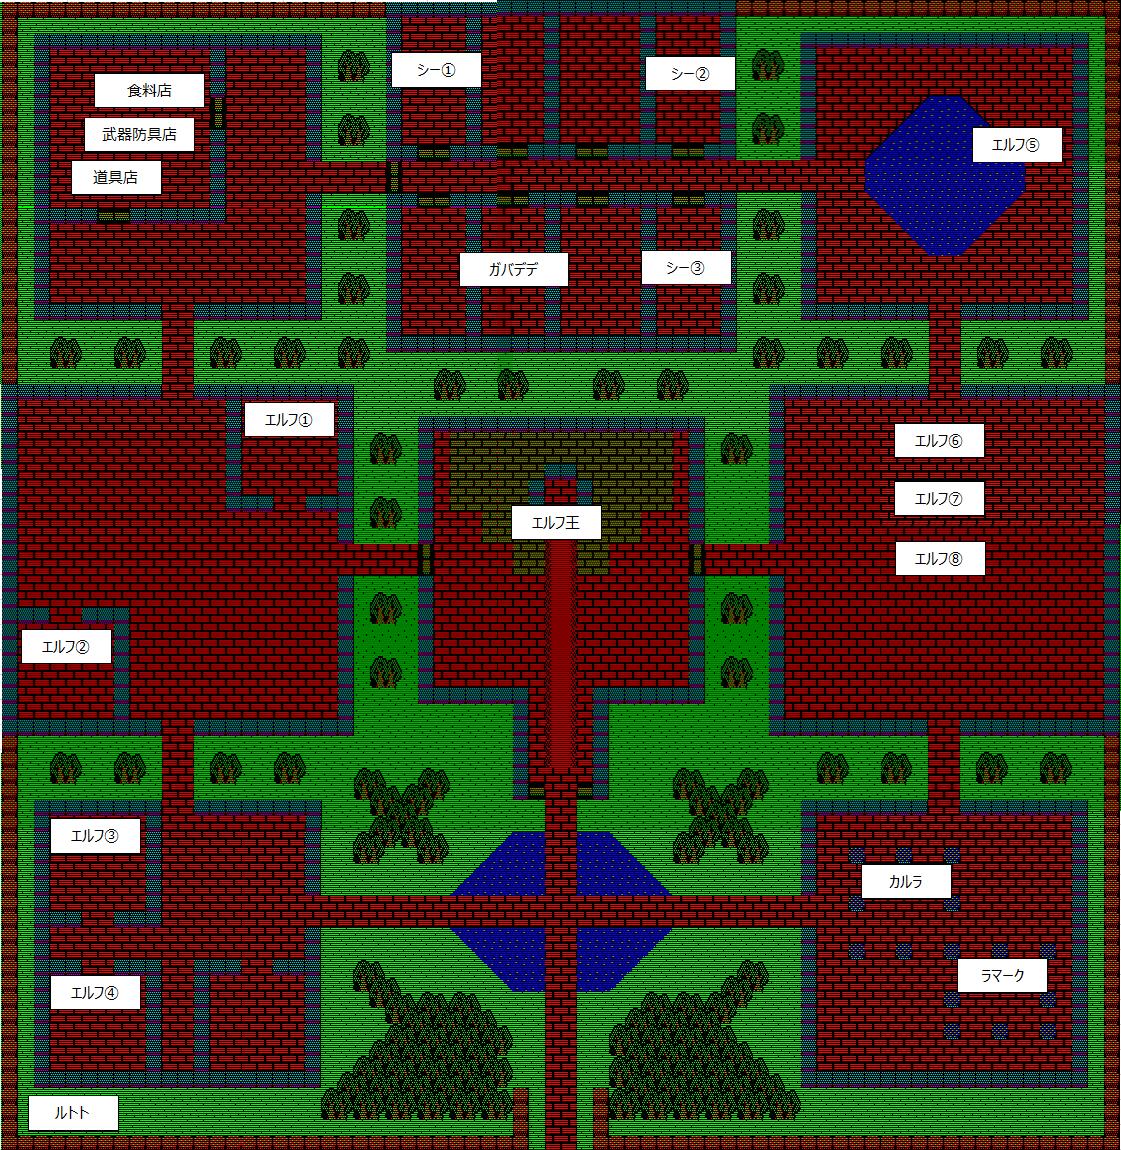 夢幻の心臓Ⅱ:エルフ城のマップ